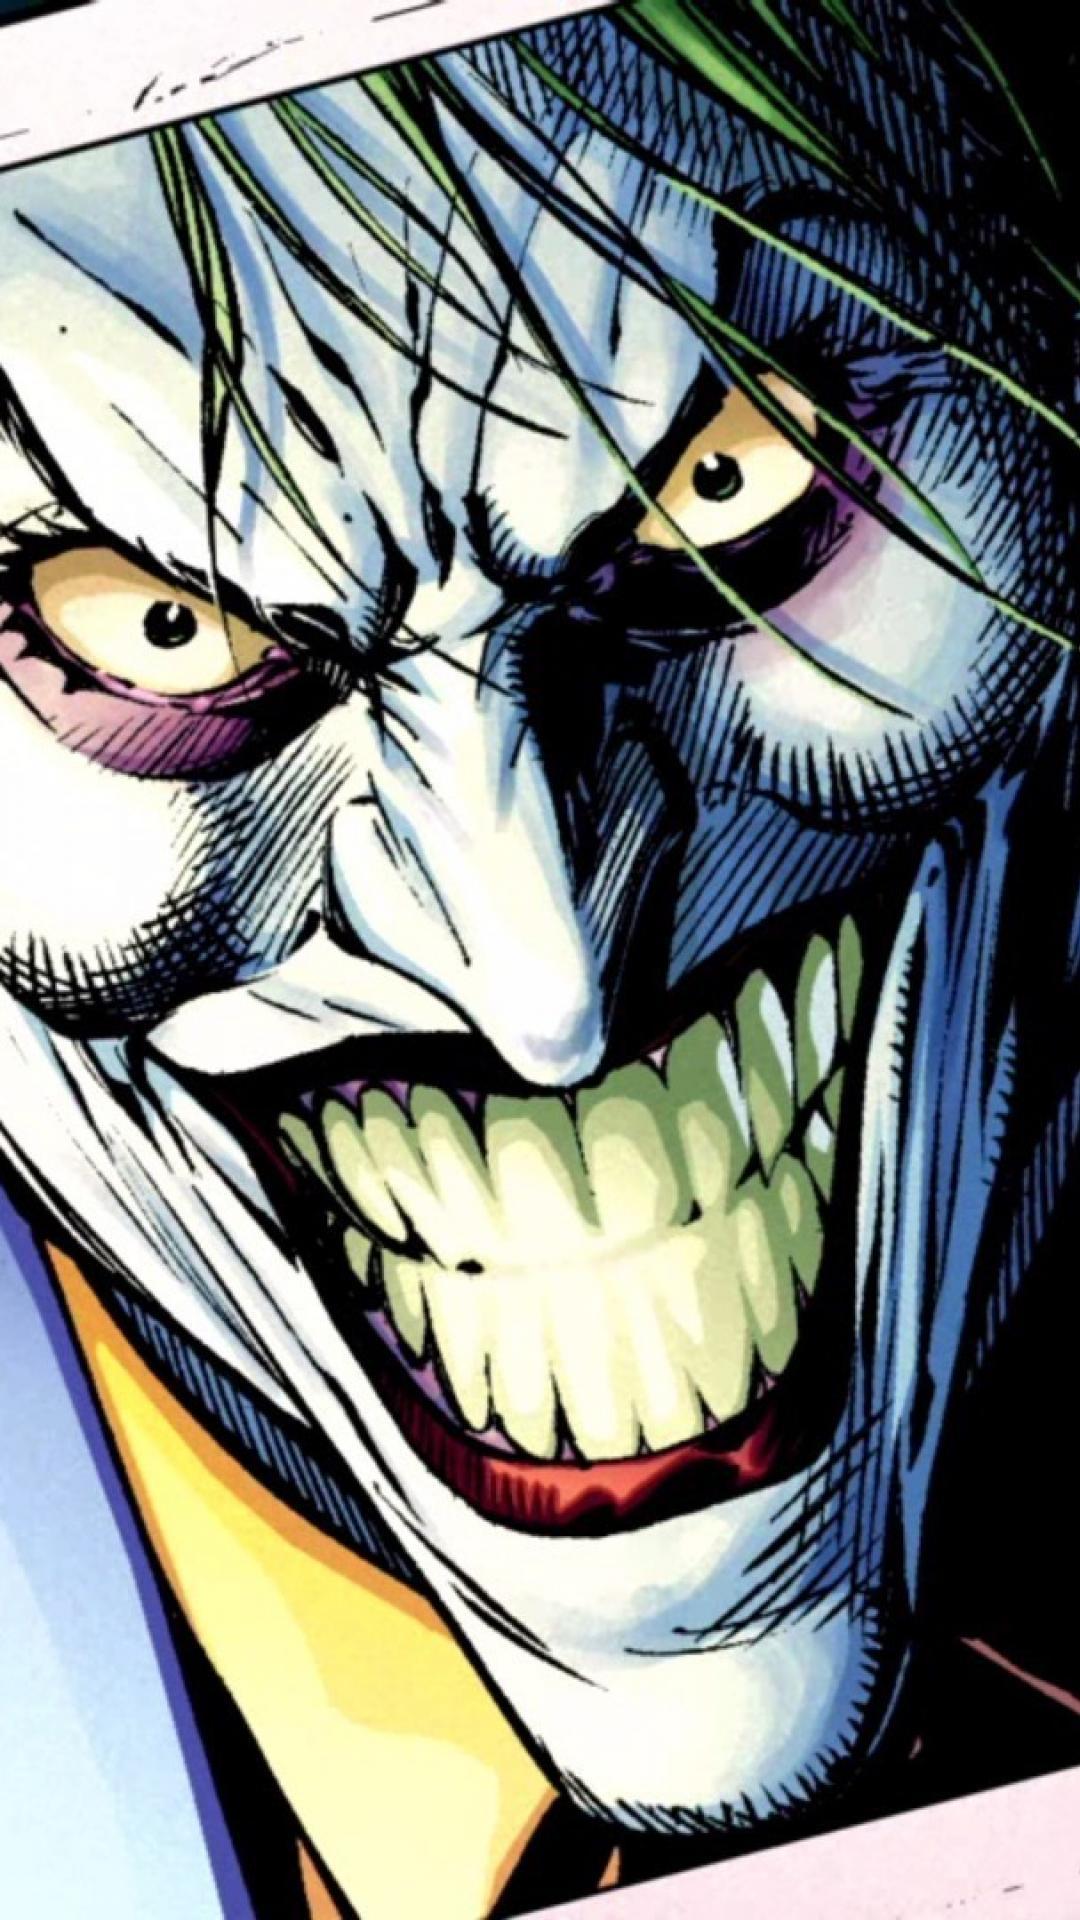 Joker Wallpaper for Windows Phone - WallpaperSafari